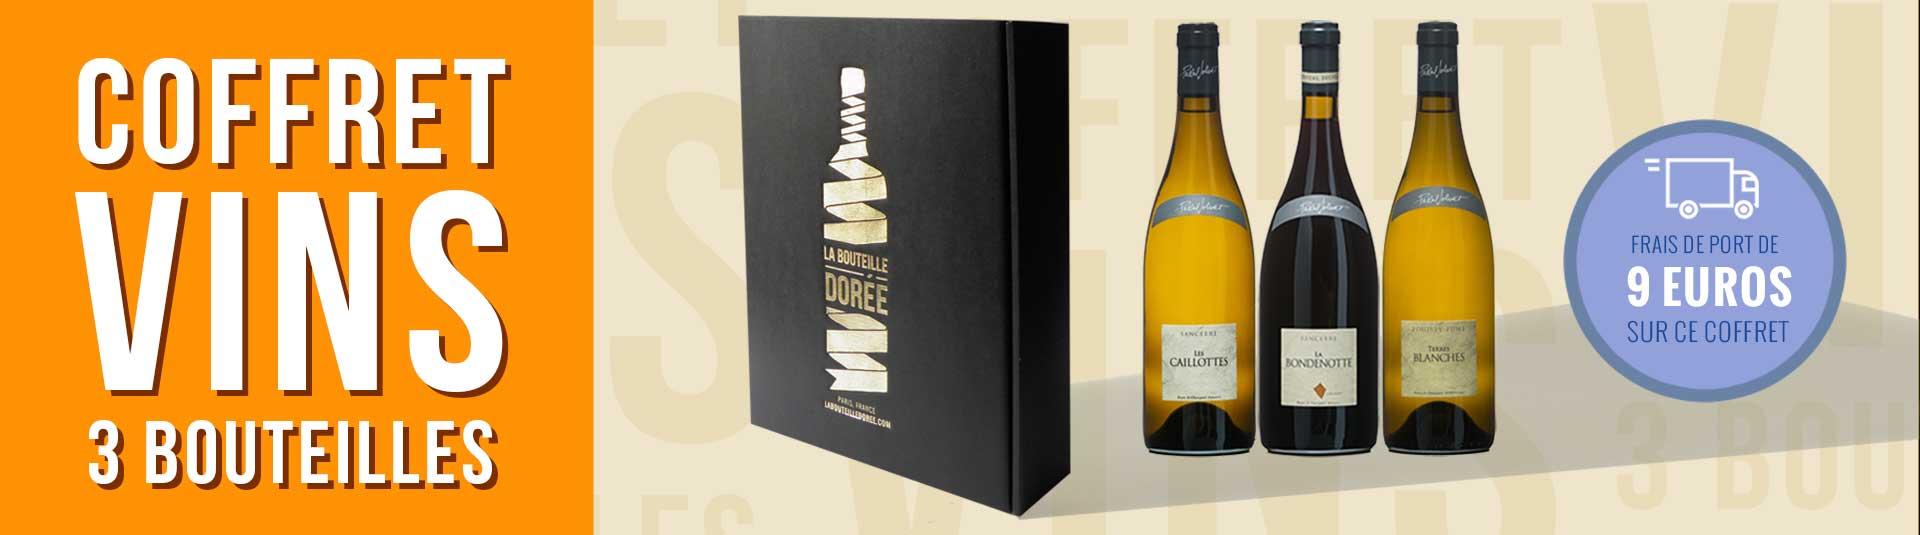 Coffret vin Loire 3 bouteilles Sancerre Pouilly-Fumé